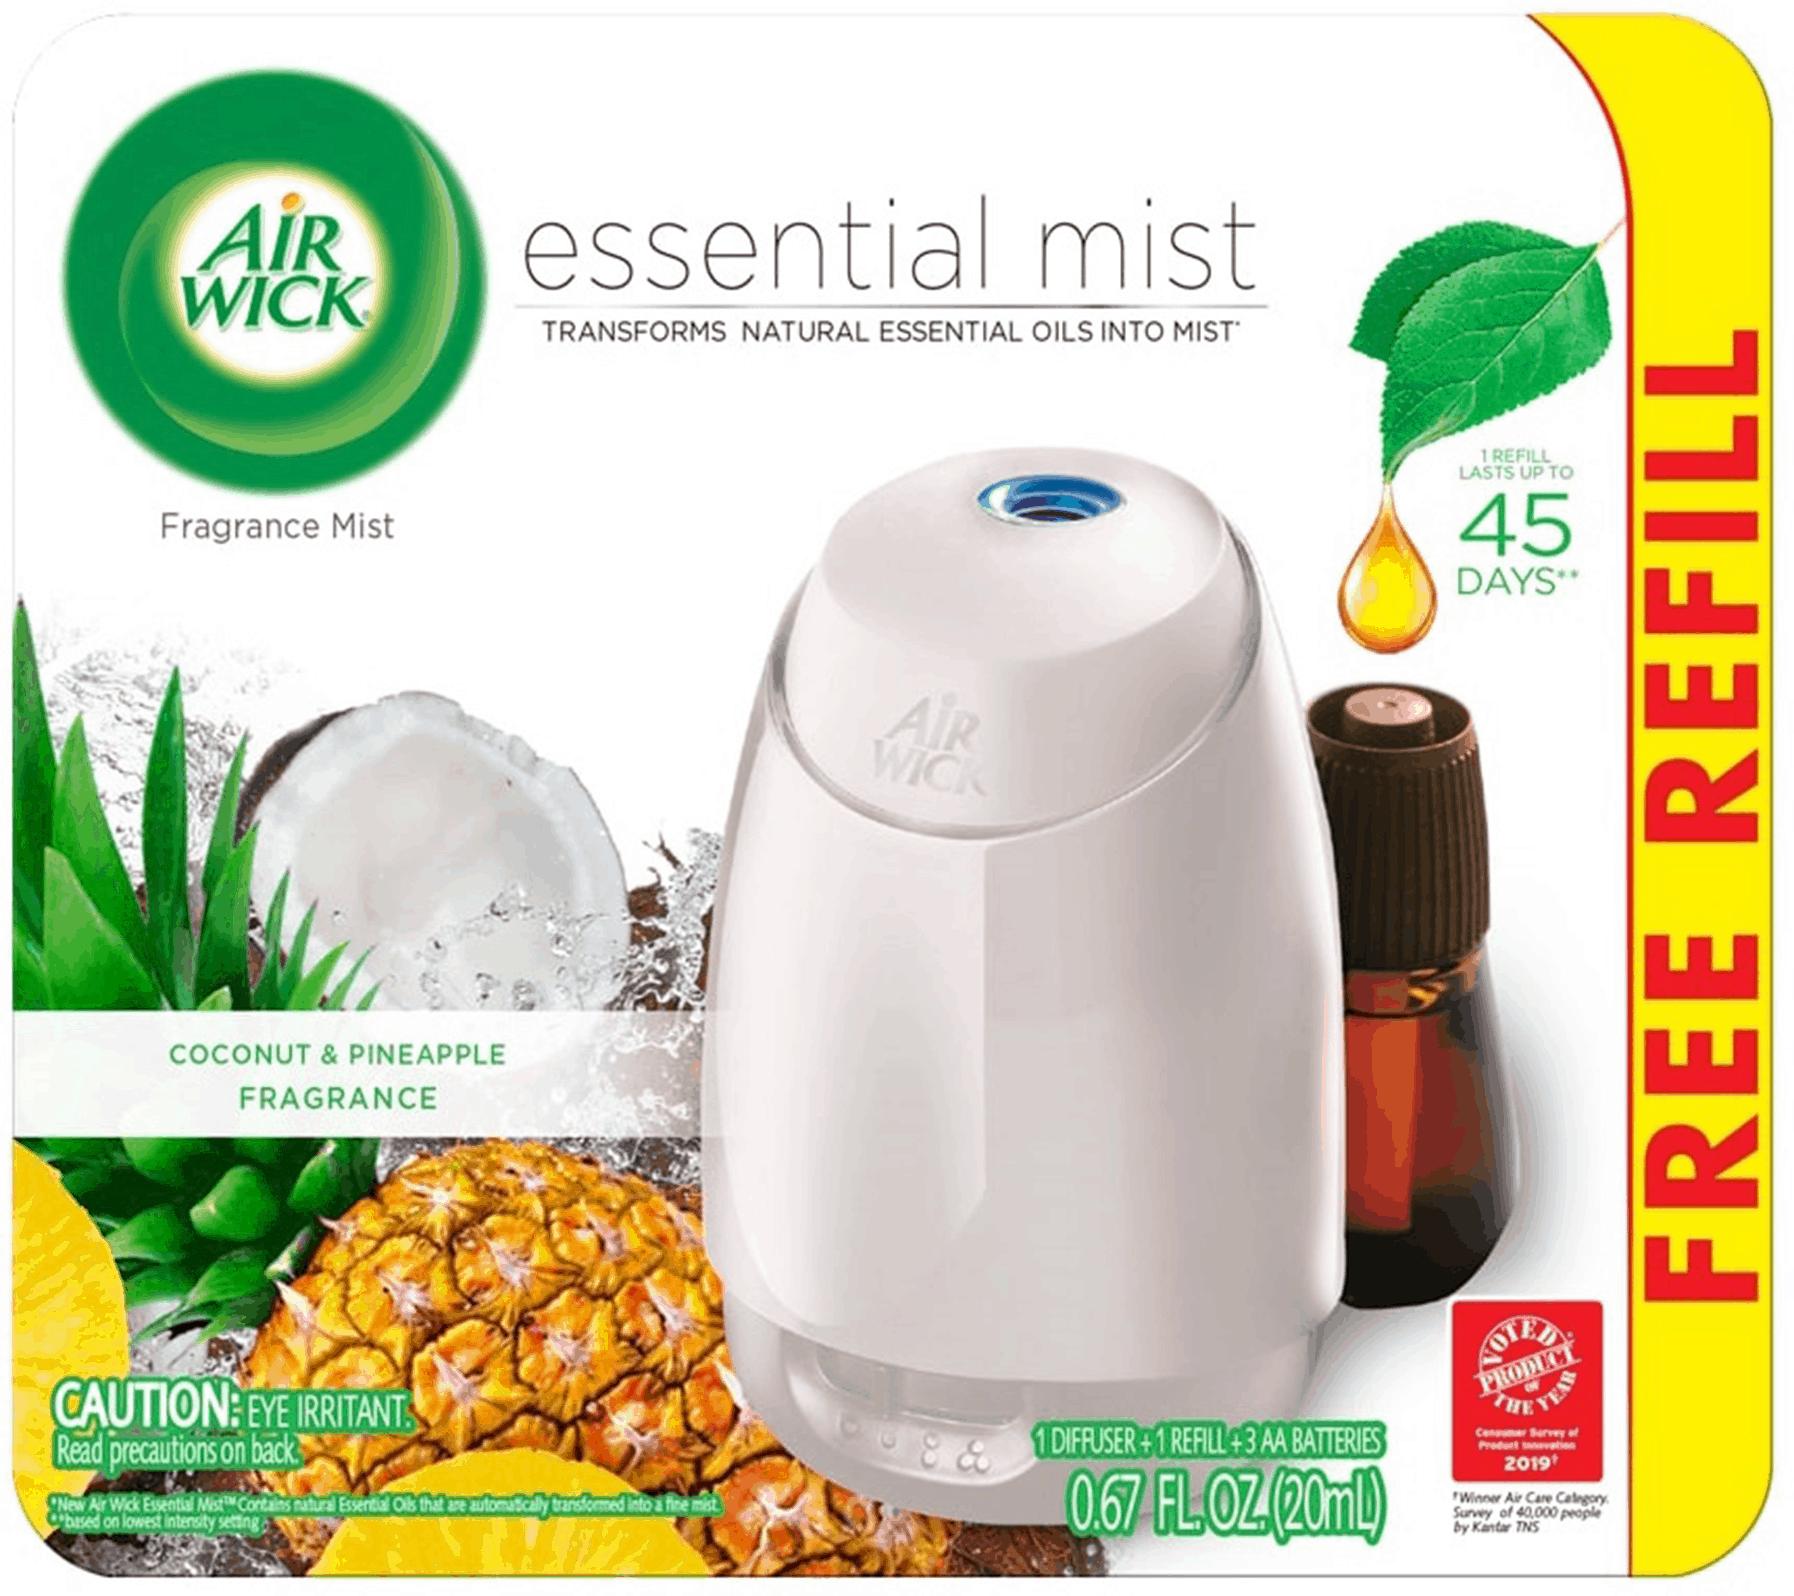 1+1 Air Wick Essential Mist Diffuser Starter Kit is best buy of Air Fresheners Online favorite of Housekeeping